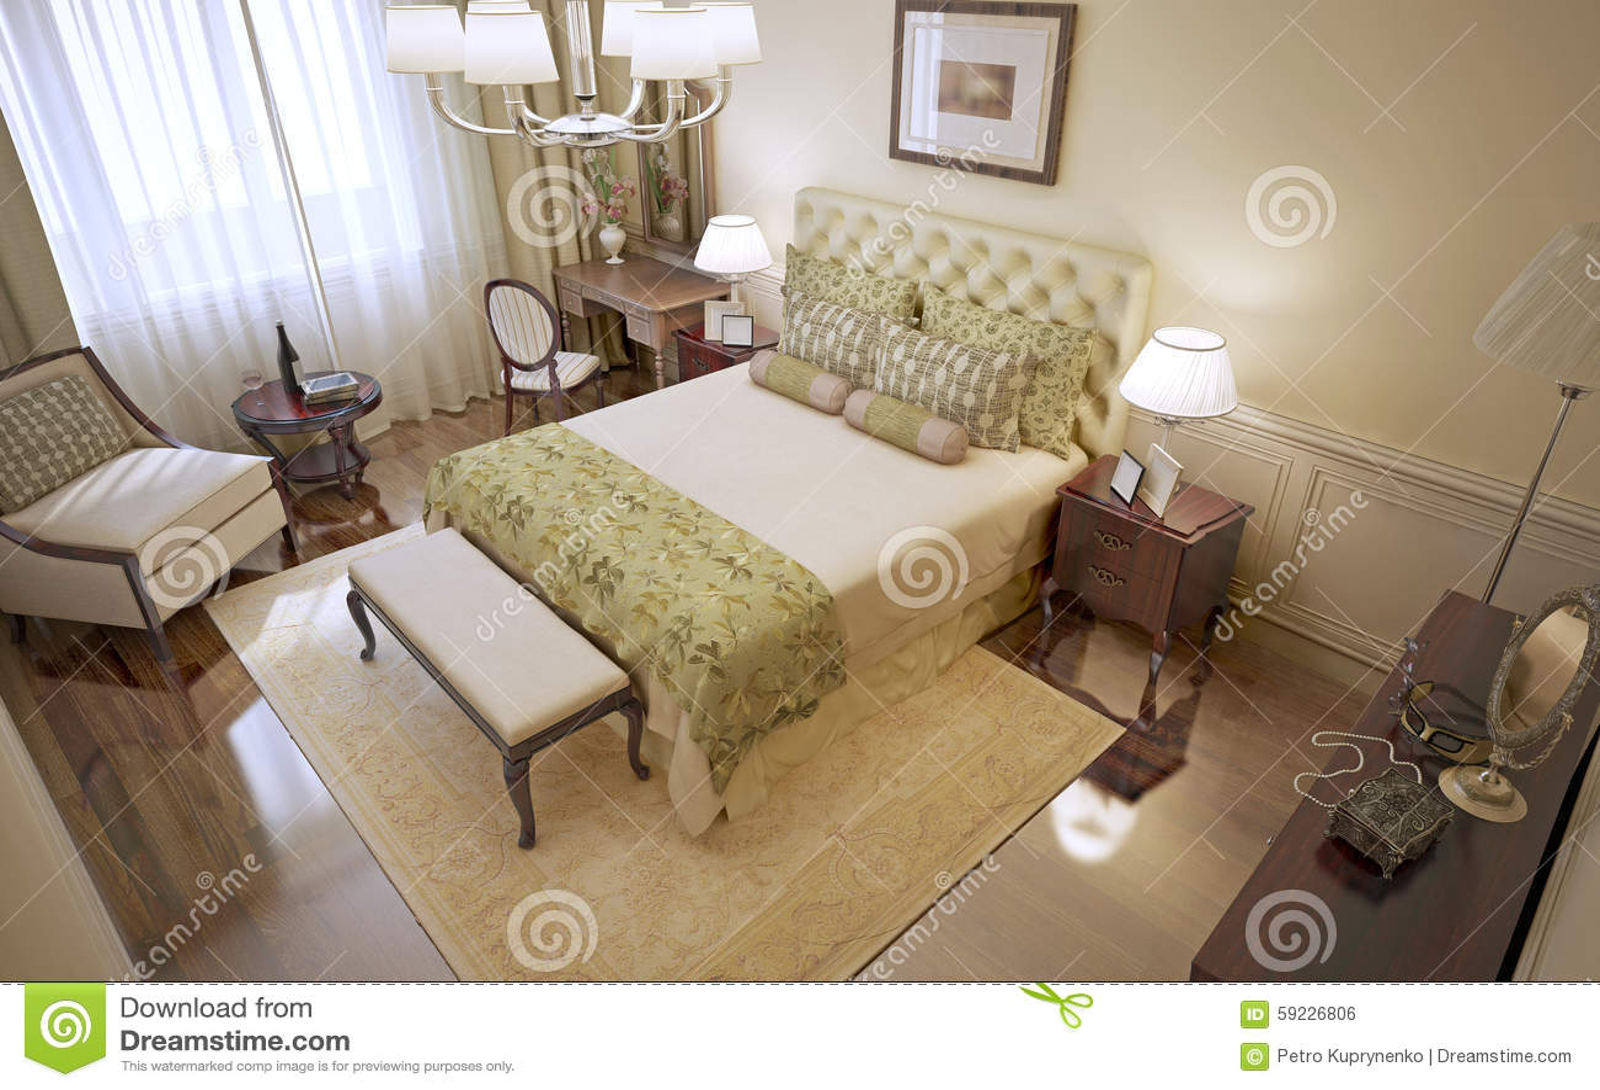 Idea del dormitorio clásico